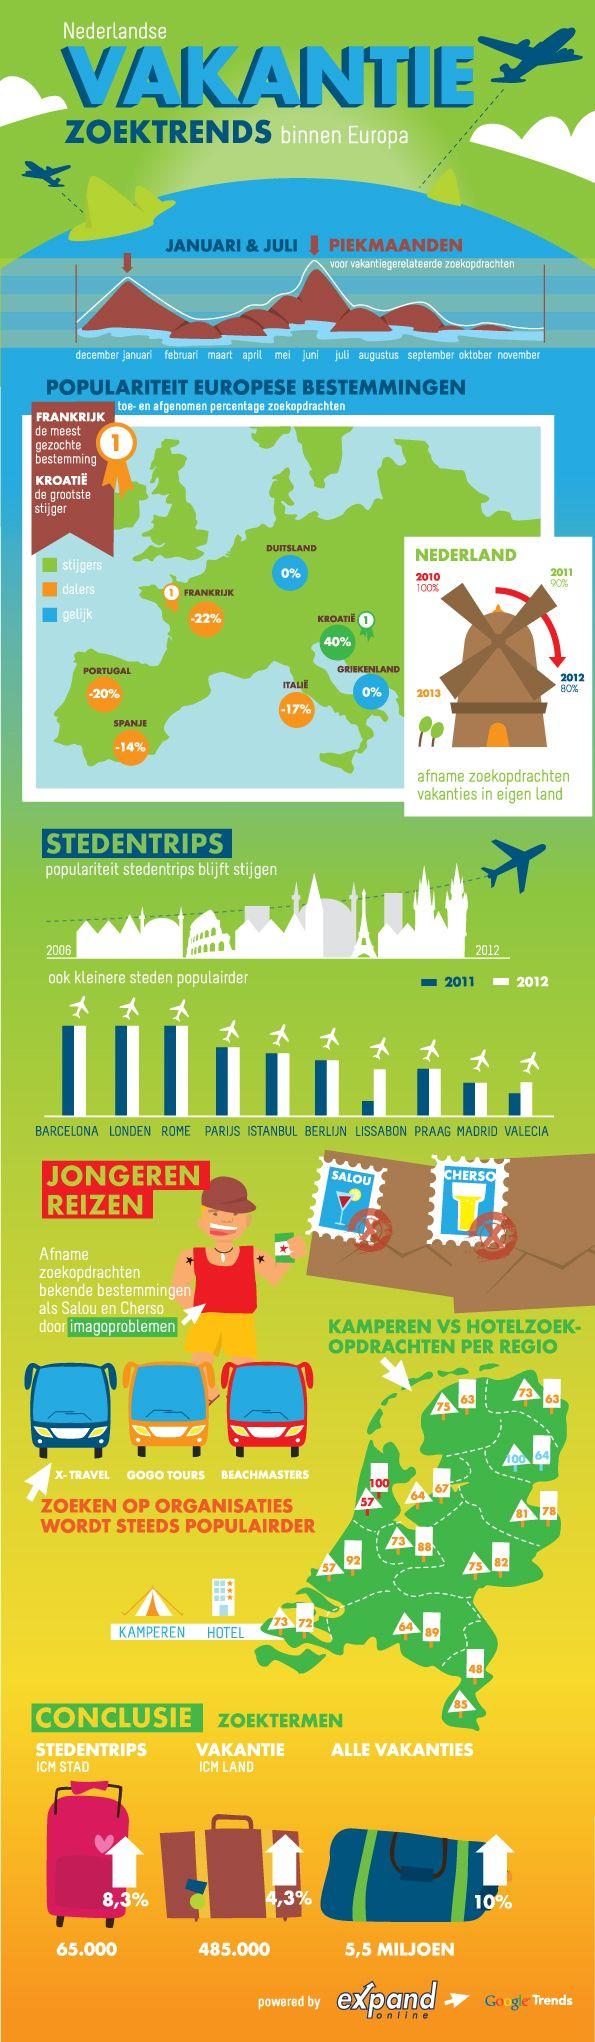 Nederlandse online zoektrends naar Europese vakanties (infographic)   Marketingfacts